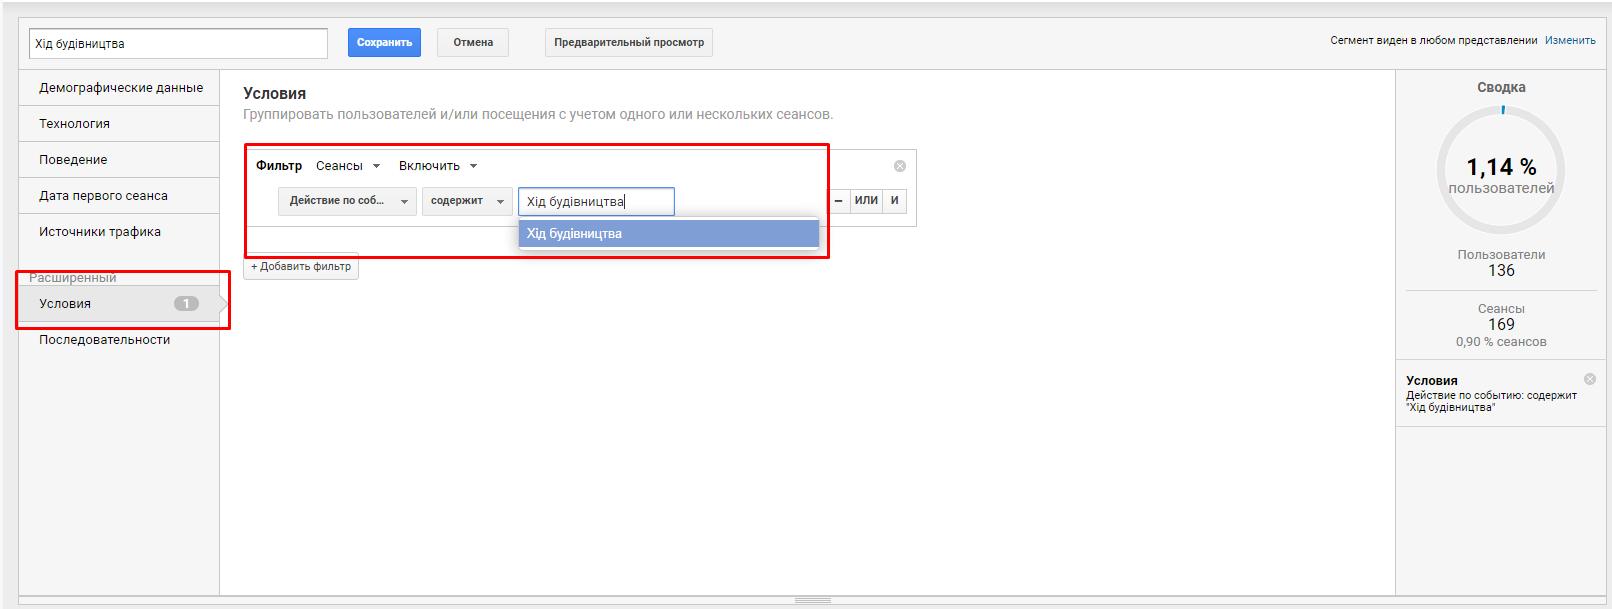 Оптимізація Google Ads. Пошук нових аудиторій фото 5